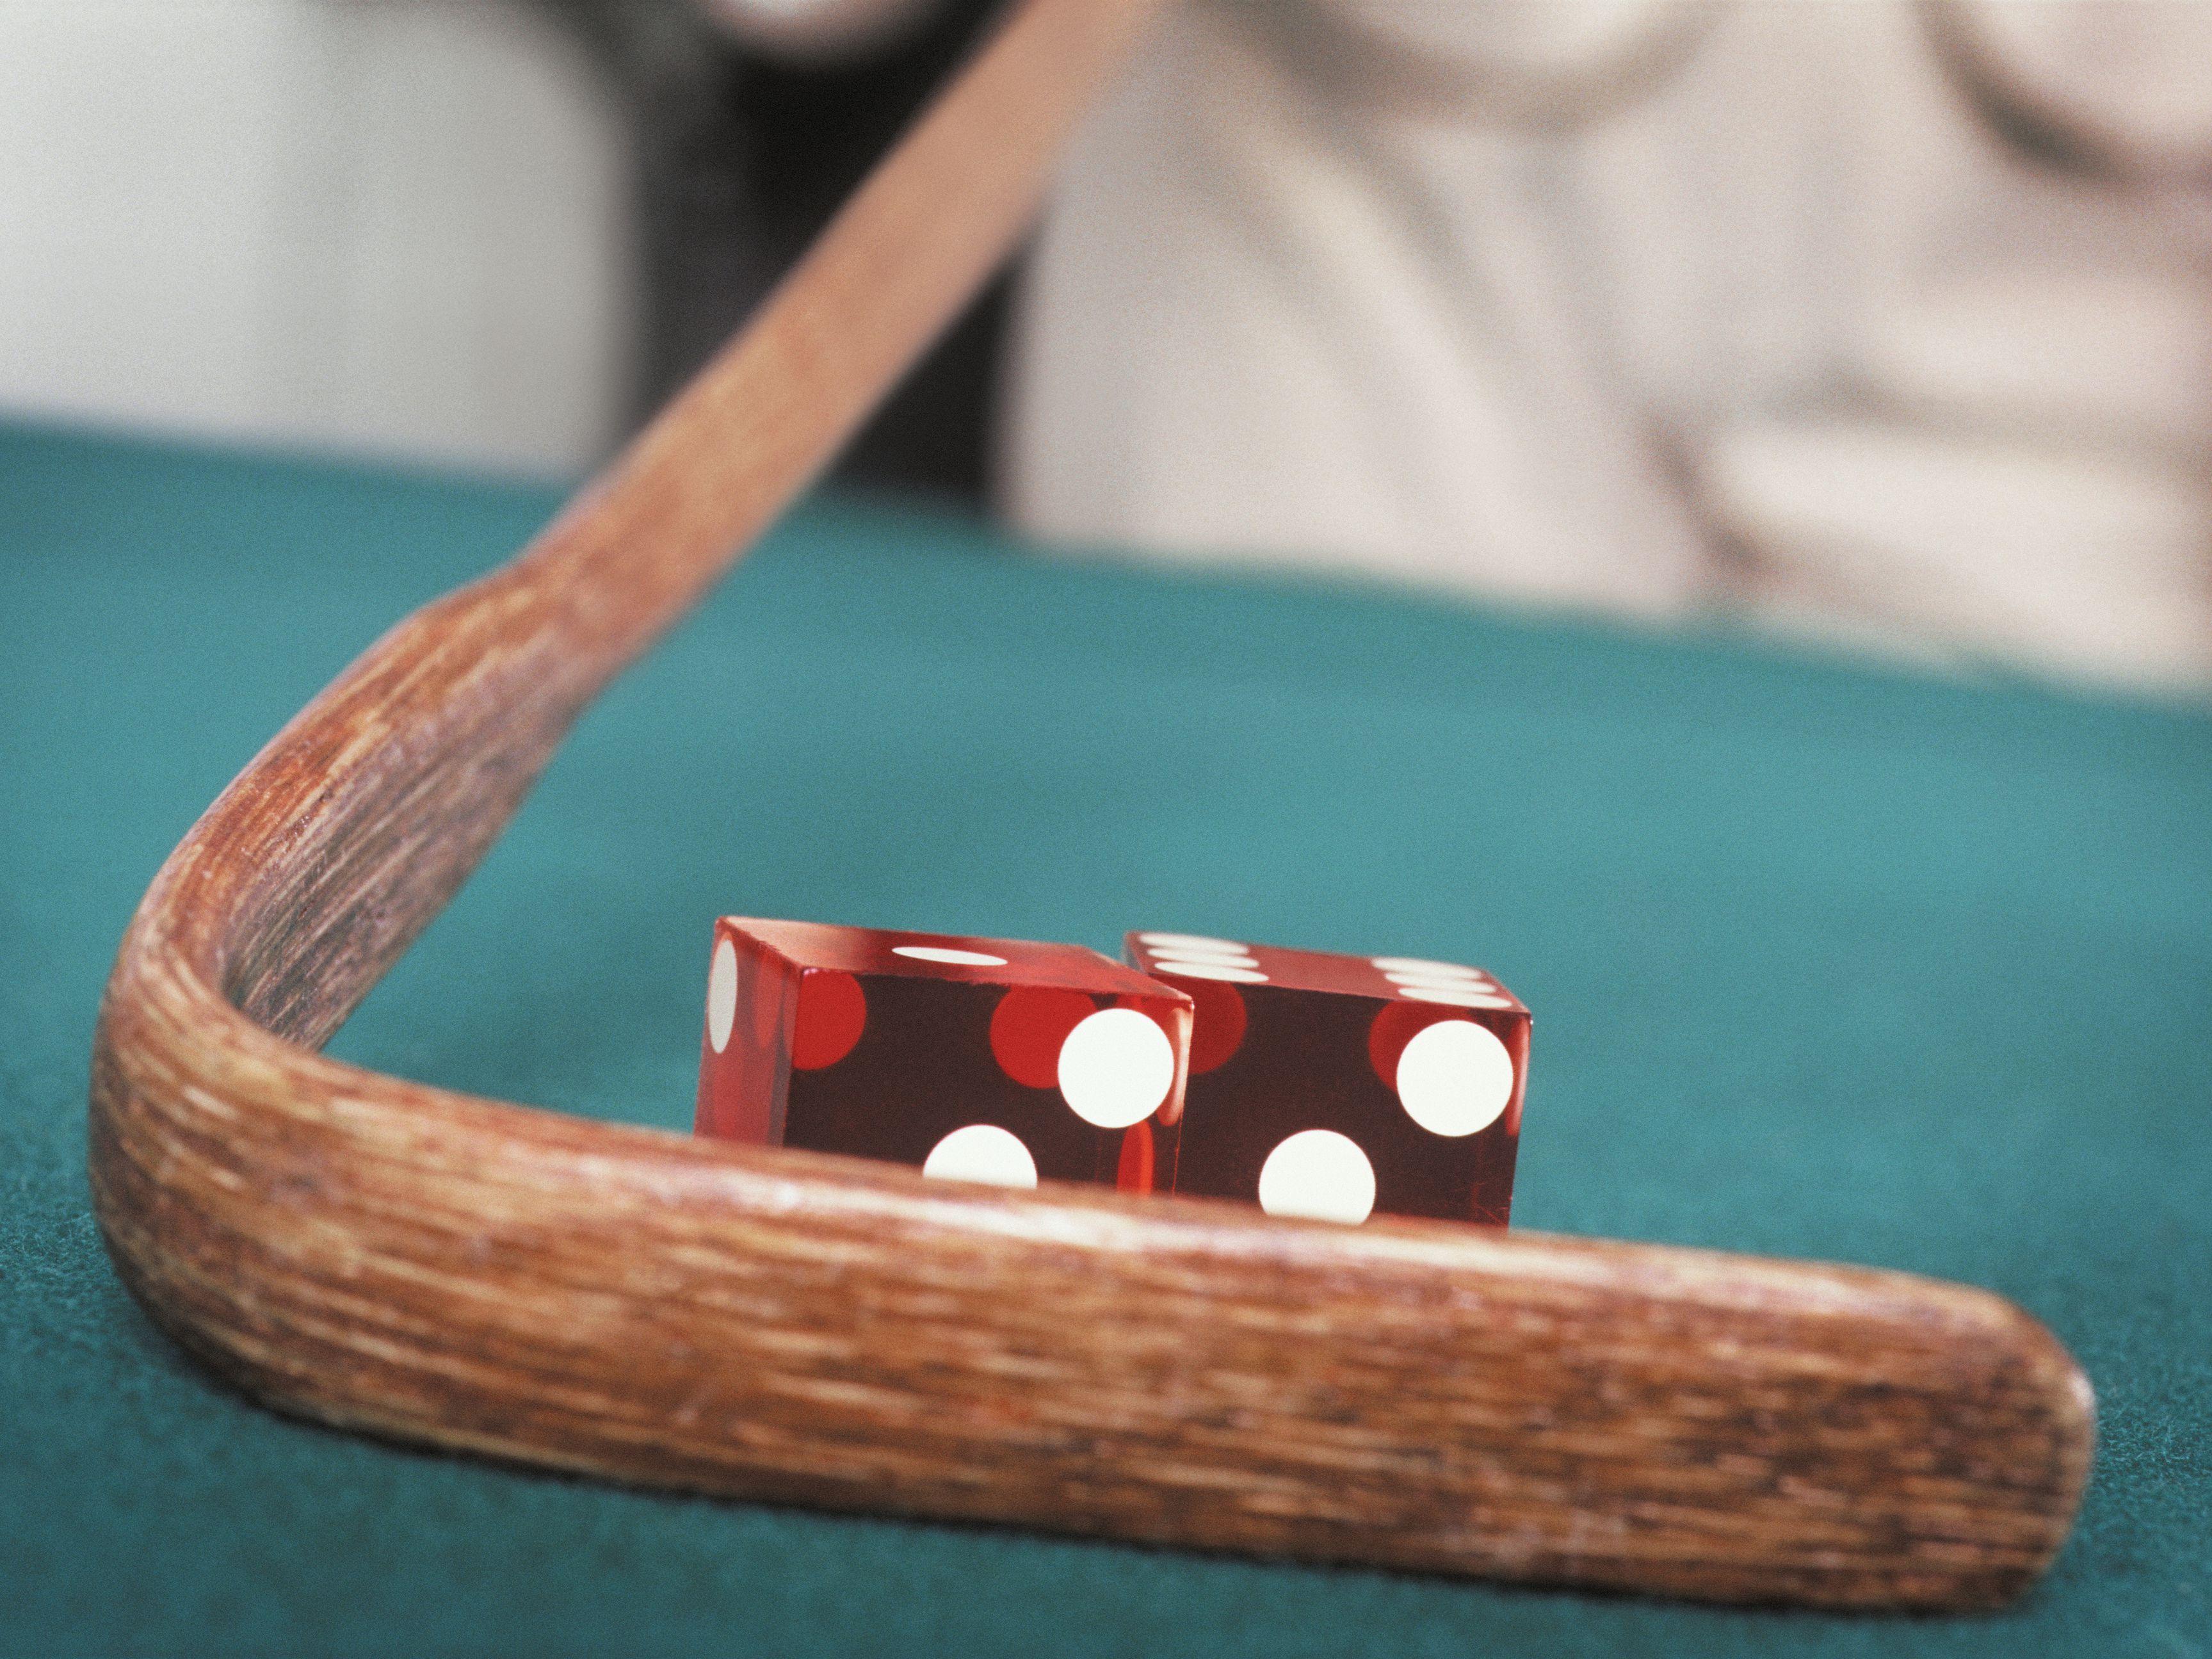 Blackjack roulette craps table